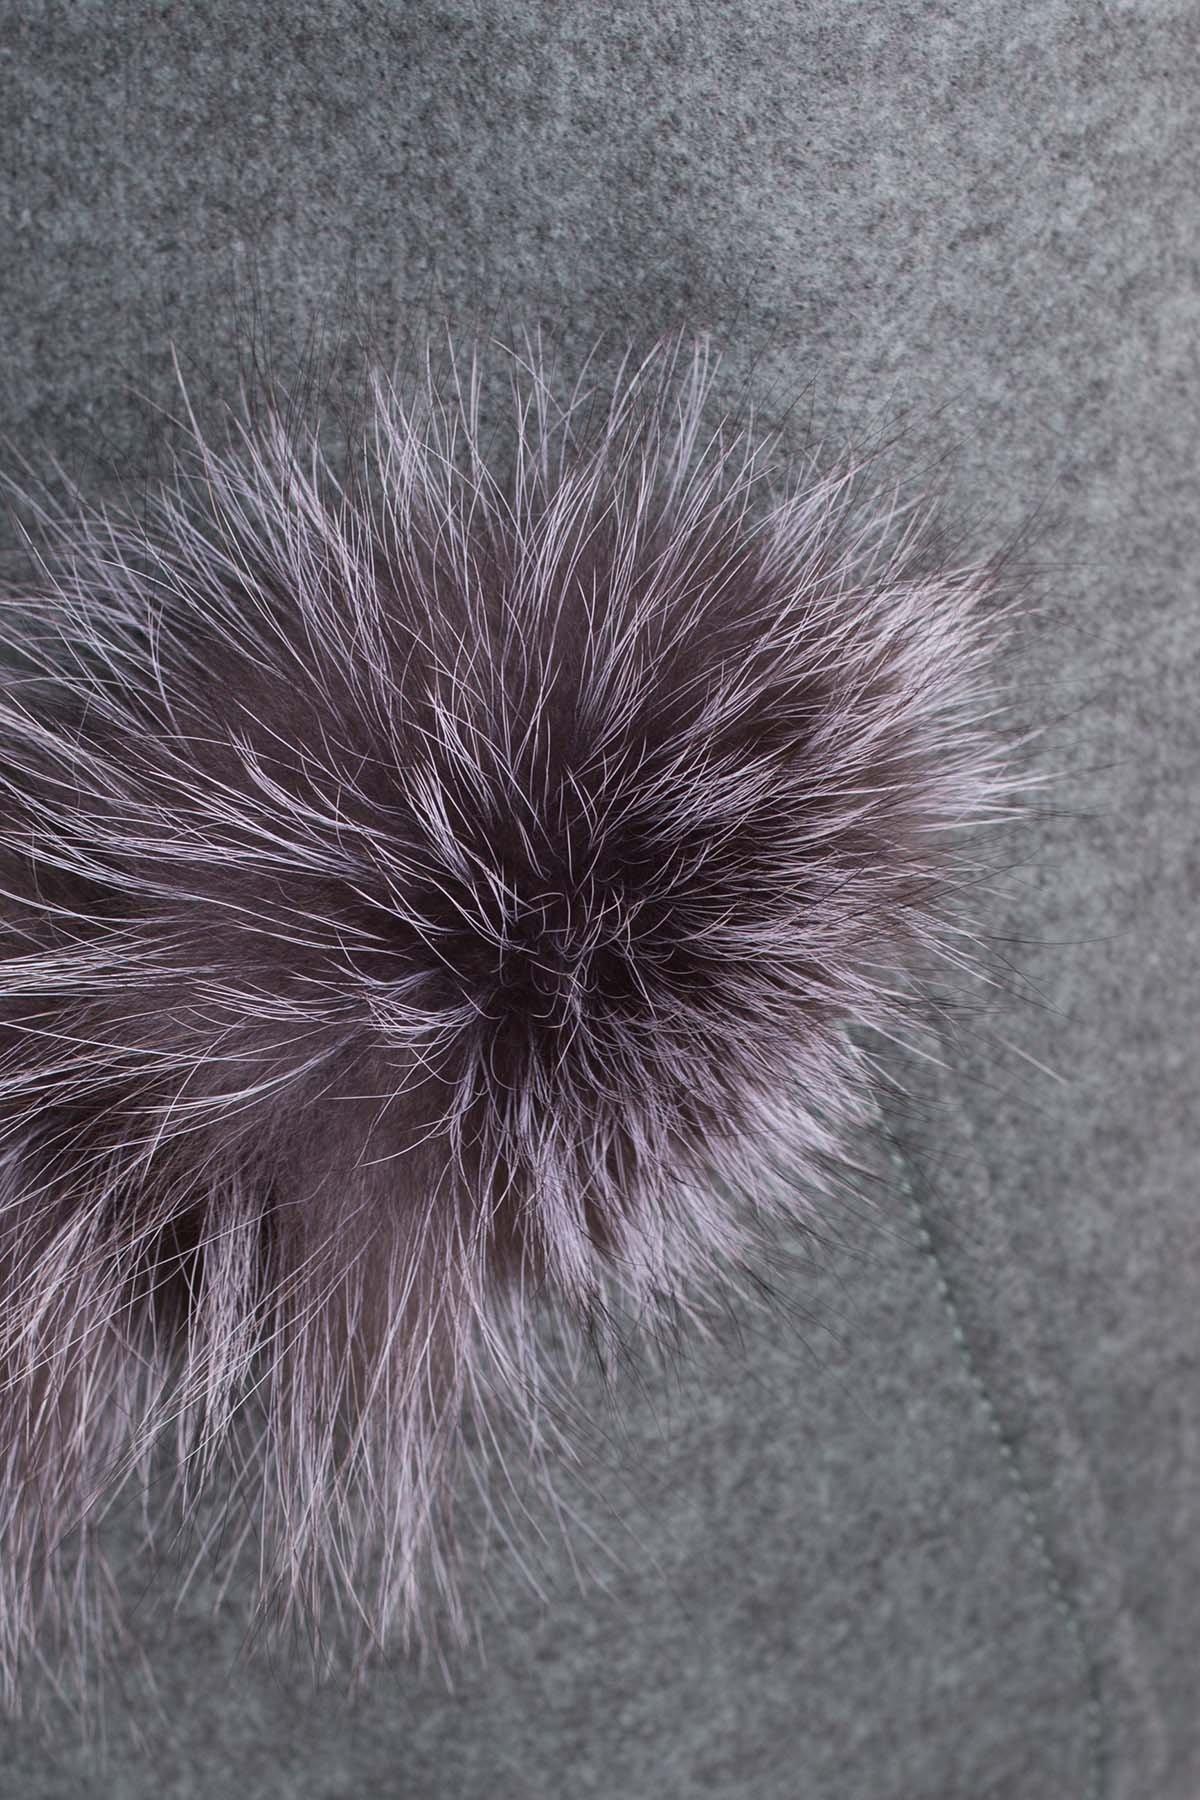 Демисезонное пальто трапеция в расцветках Латте 5429 АРТ. 37431 Цвет: Олива - фото 5, интернет магазин tm-modus.ru